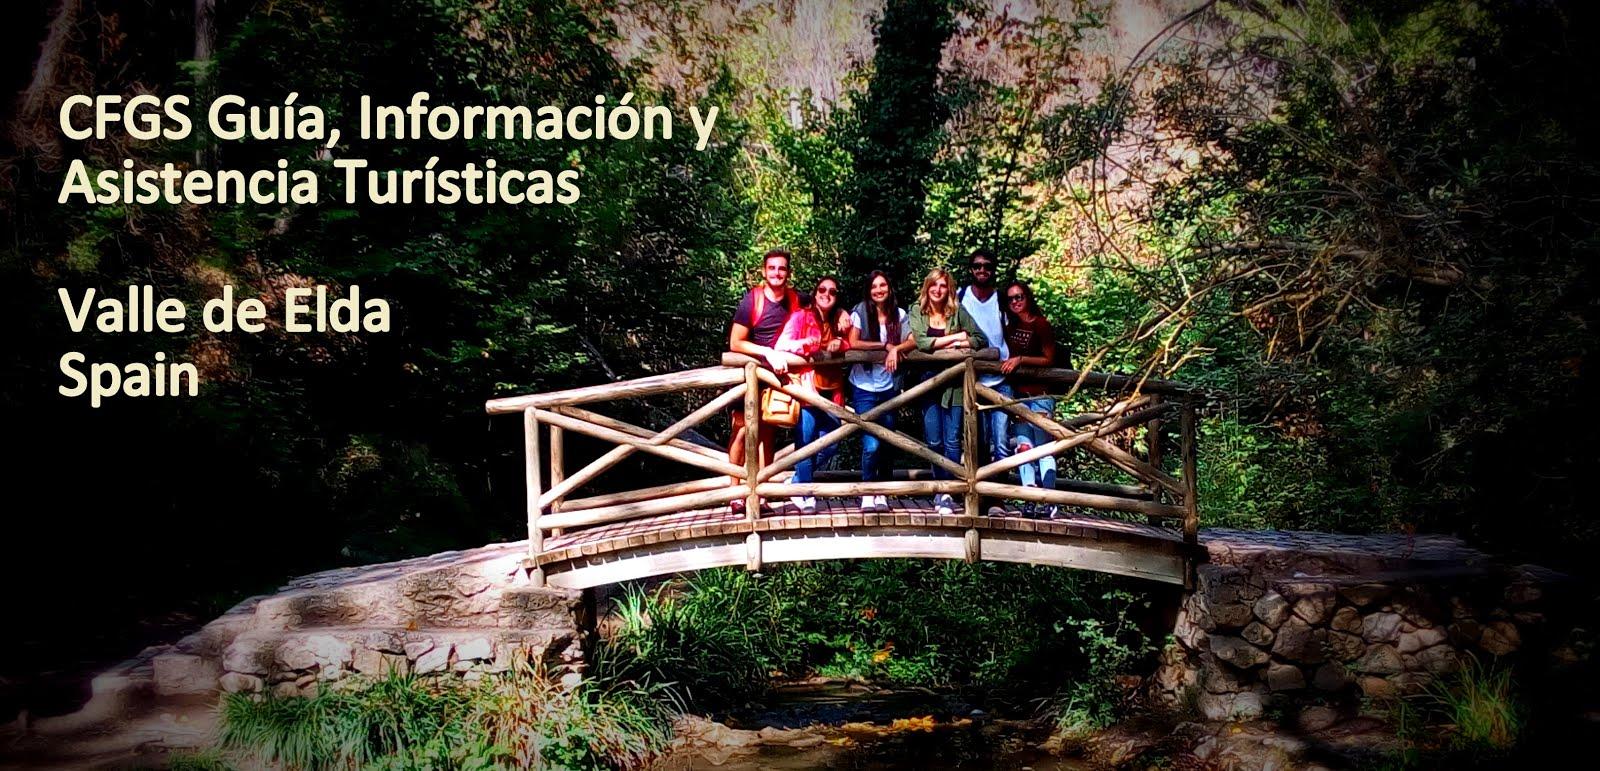 Actividades de l@s alumn@s del Ciclo Formativo Superior  Guía, Información y Asistencia Turísticas